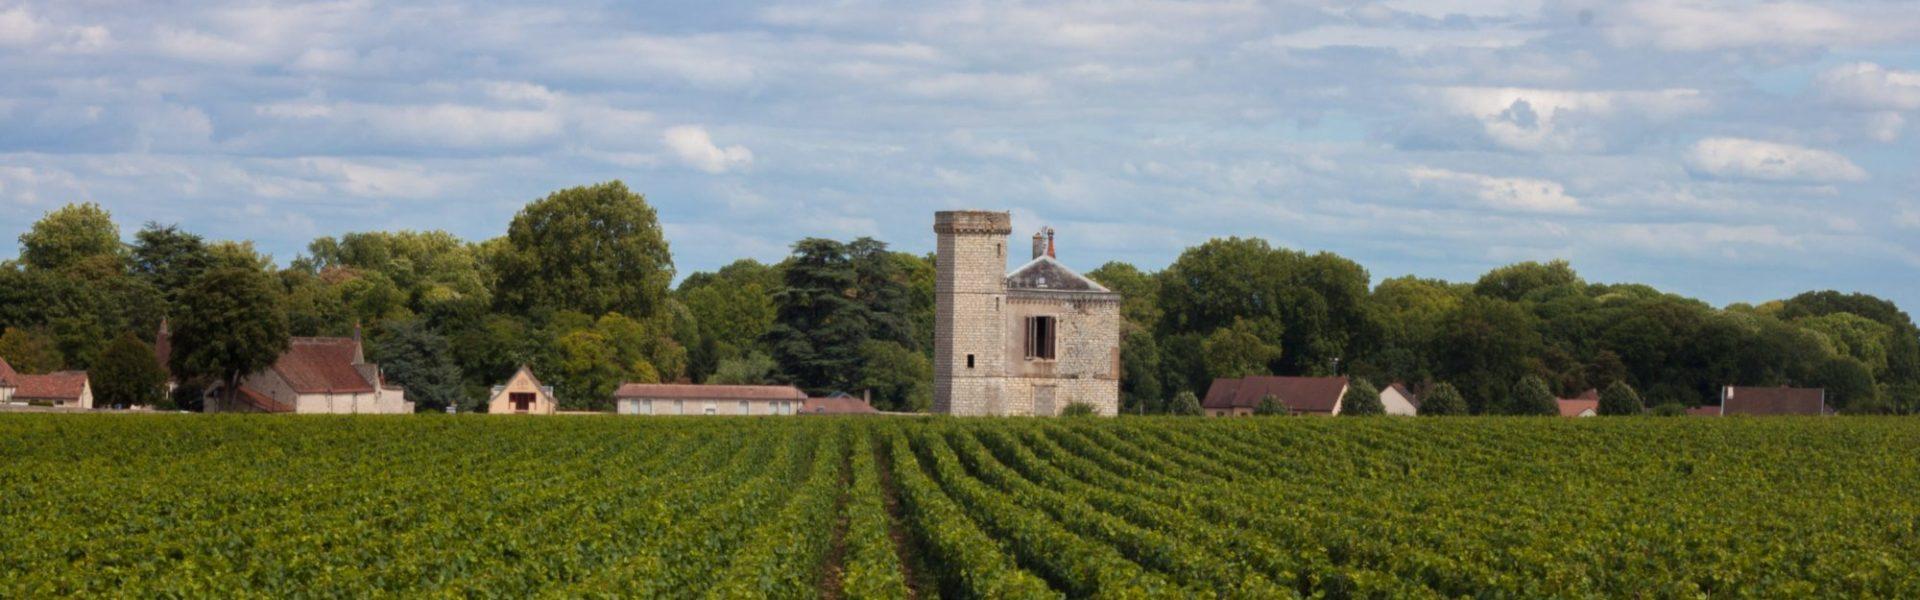 road trip route des vins